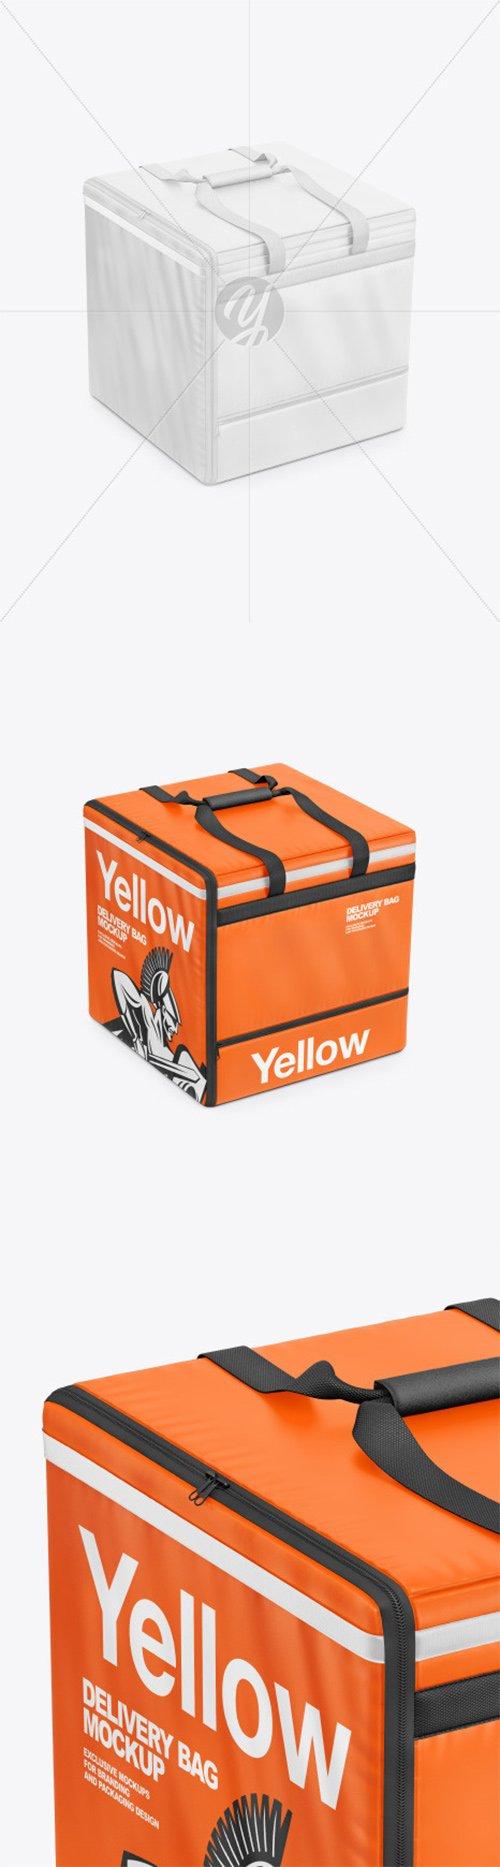 Vinyl Delivery Bag Mockup 66202 TIF